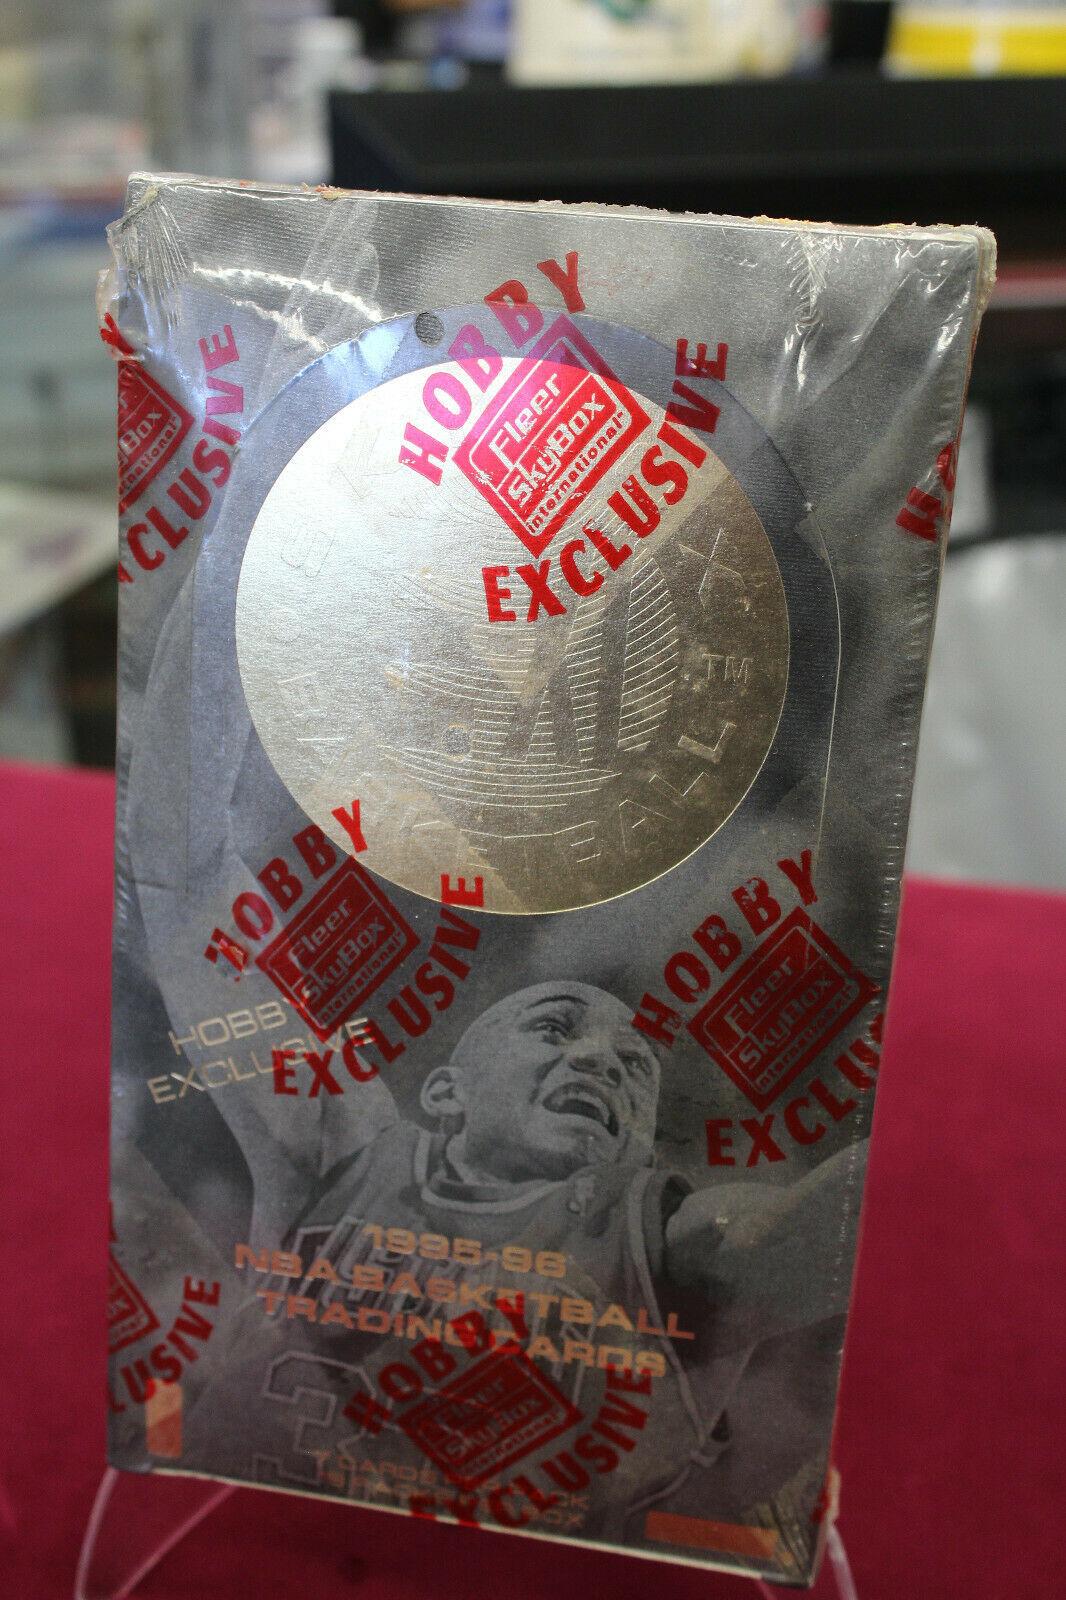 1995-96 Fleer Skybox Basketball E-XL Hobby Factory Sealed Box Jordan Garnett RC - $1,386.00